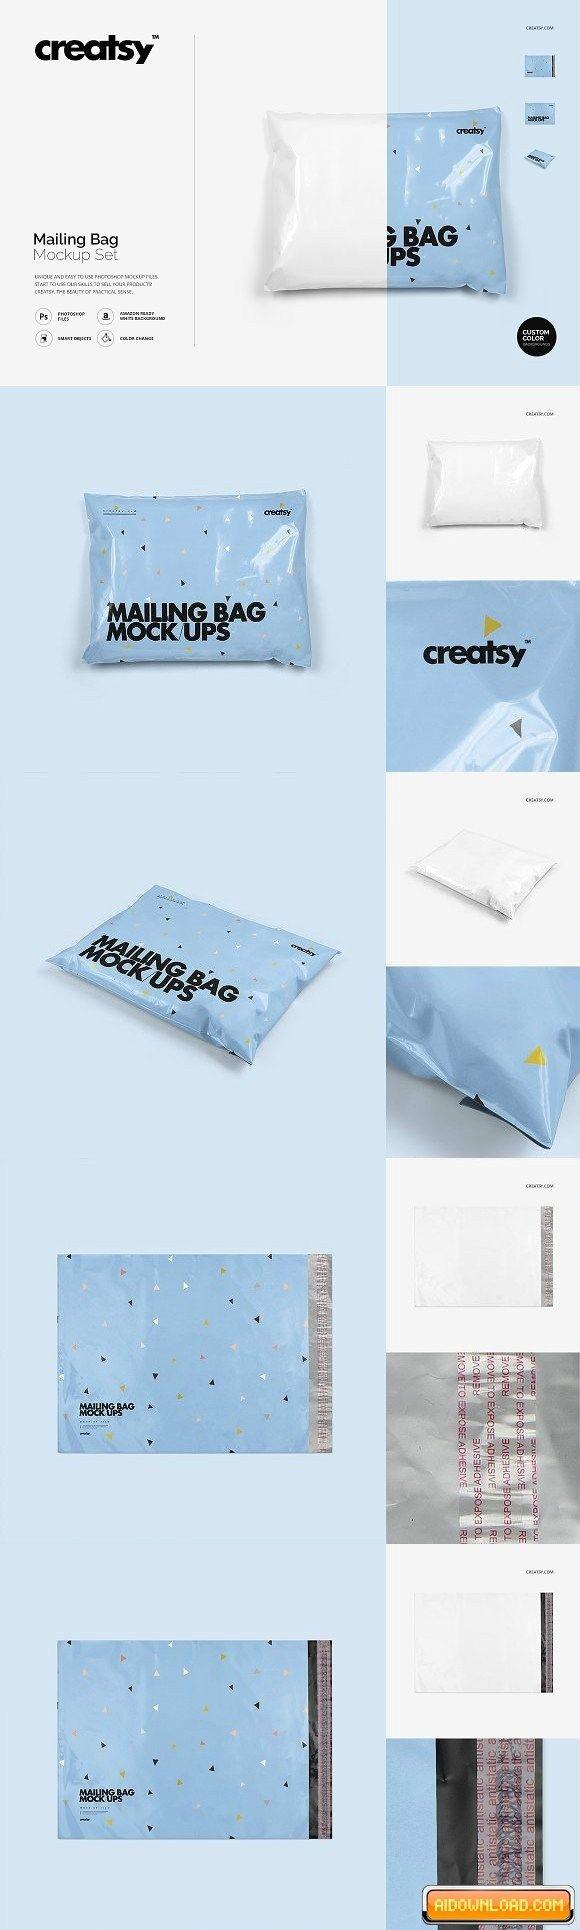 Download Mailing Bag Mockup Set 1935239 Free Download Bag Mockup Mockup Mailing